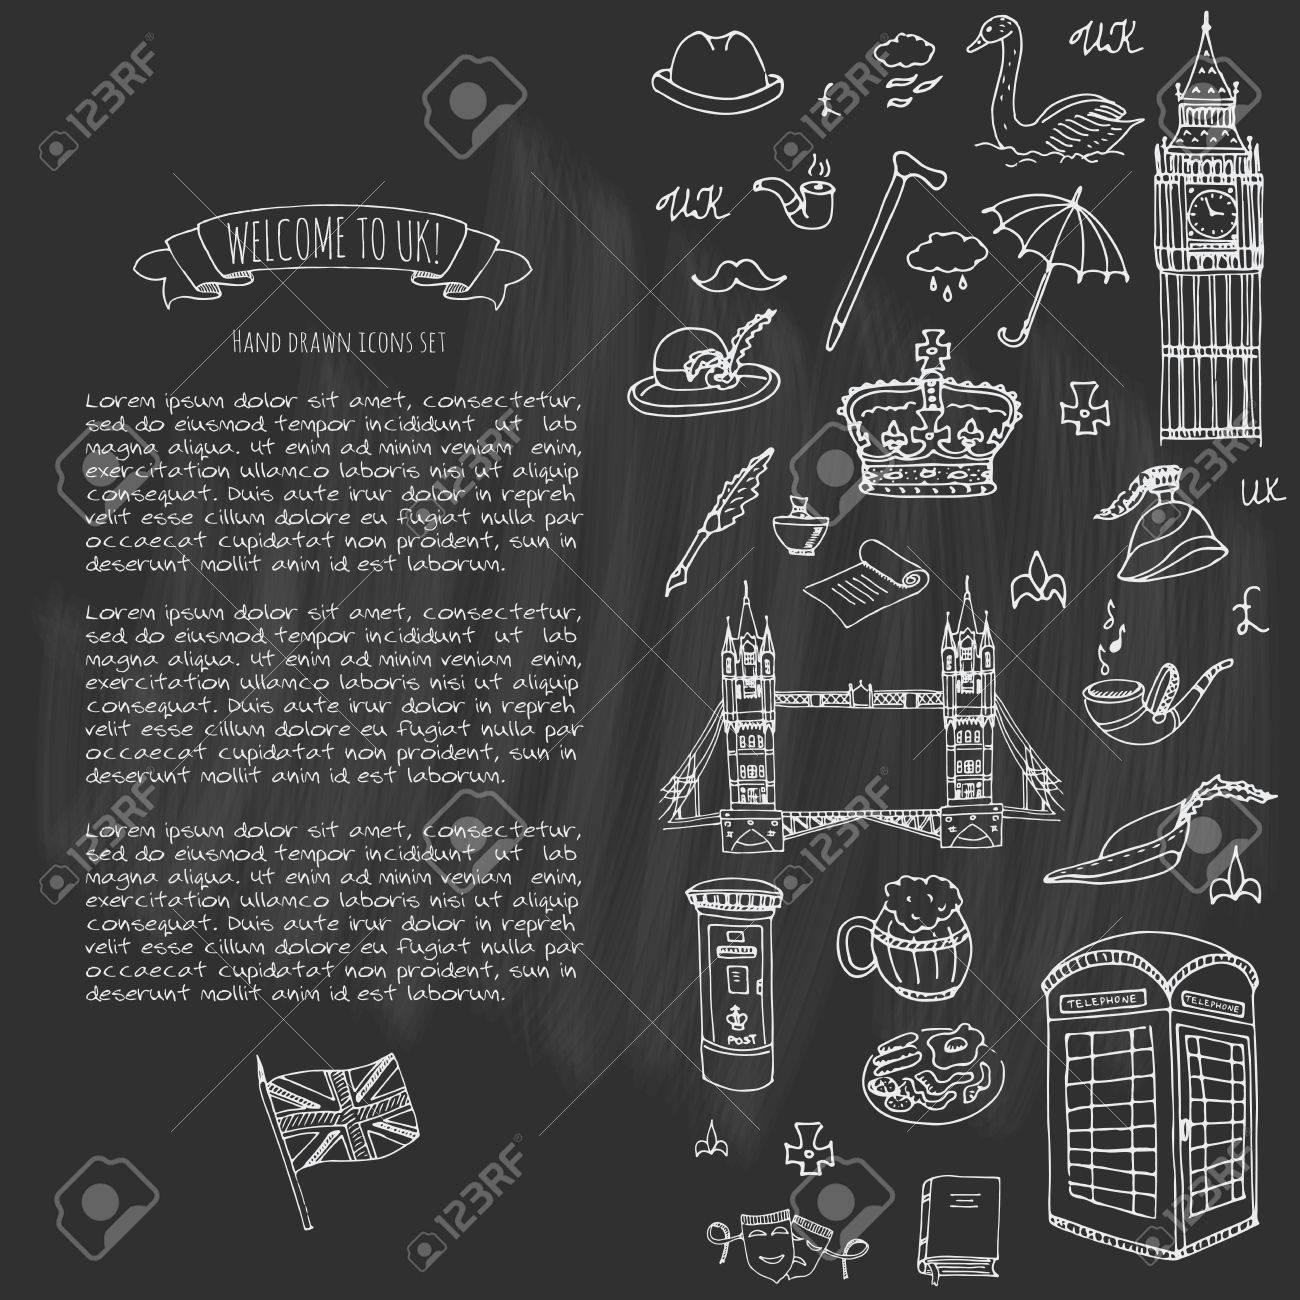 Clip Art Big Ben Cartoon - Big Ben Cartoon Png , Free Transparent Clipart -  ClipartKey